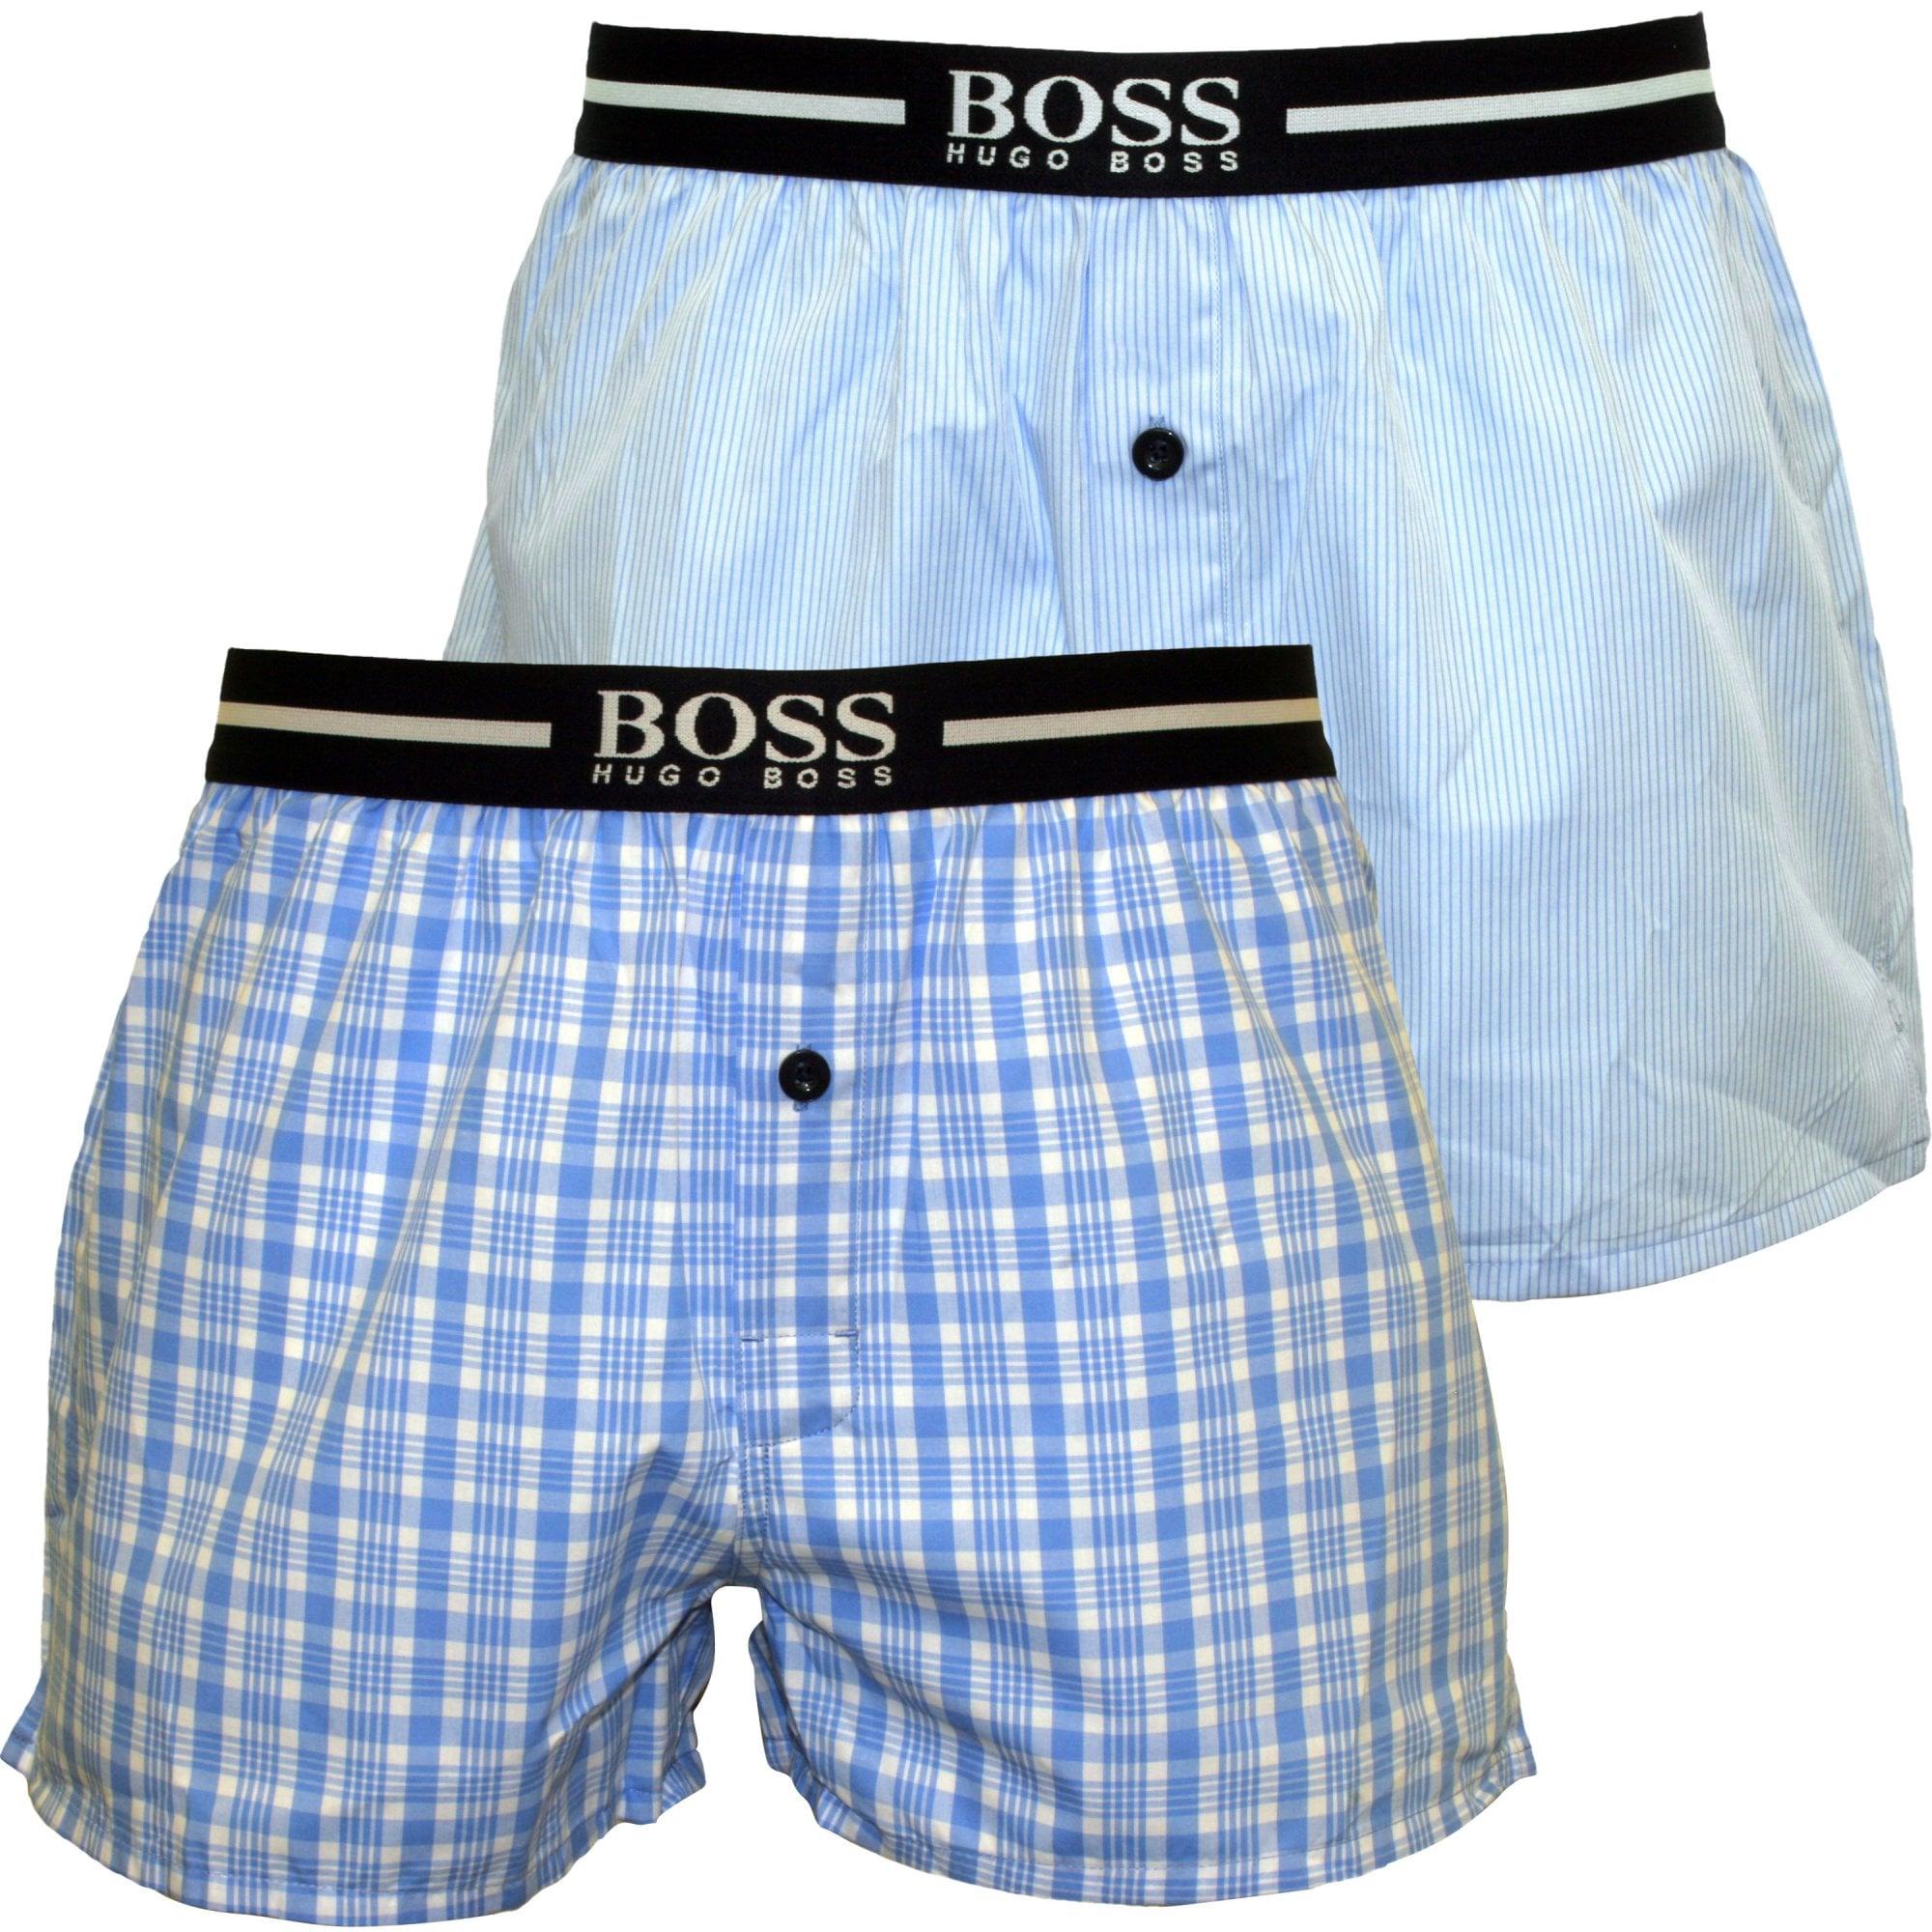 BOSS HUGO BOSS Mens Stripe Boxer